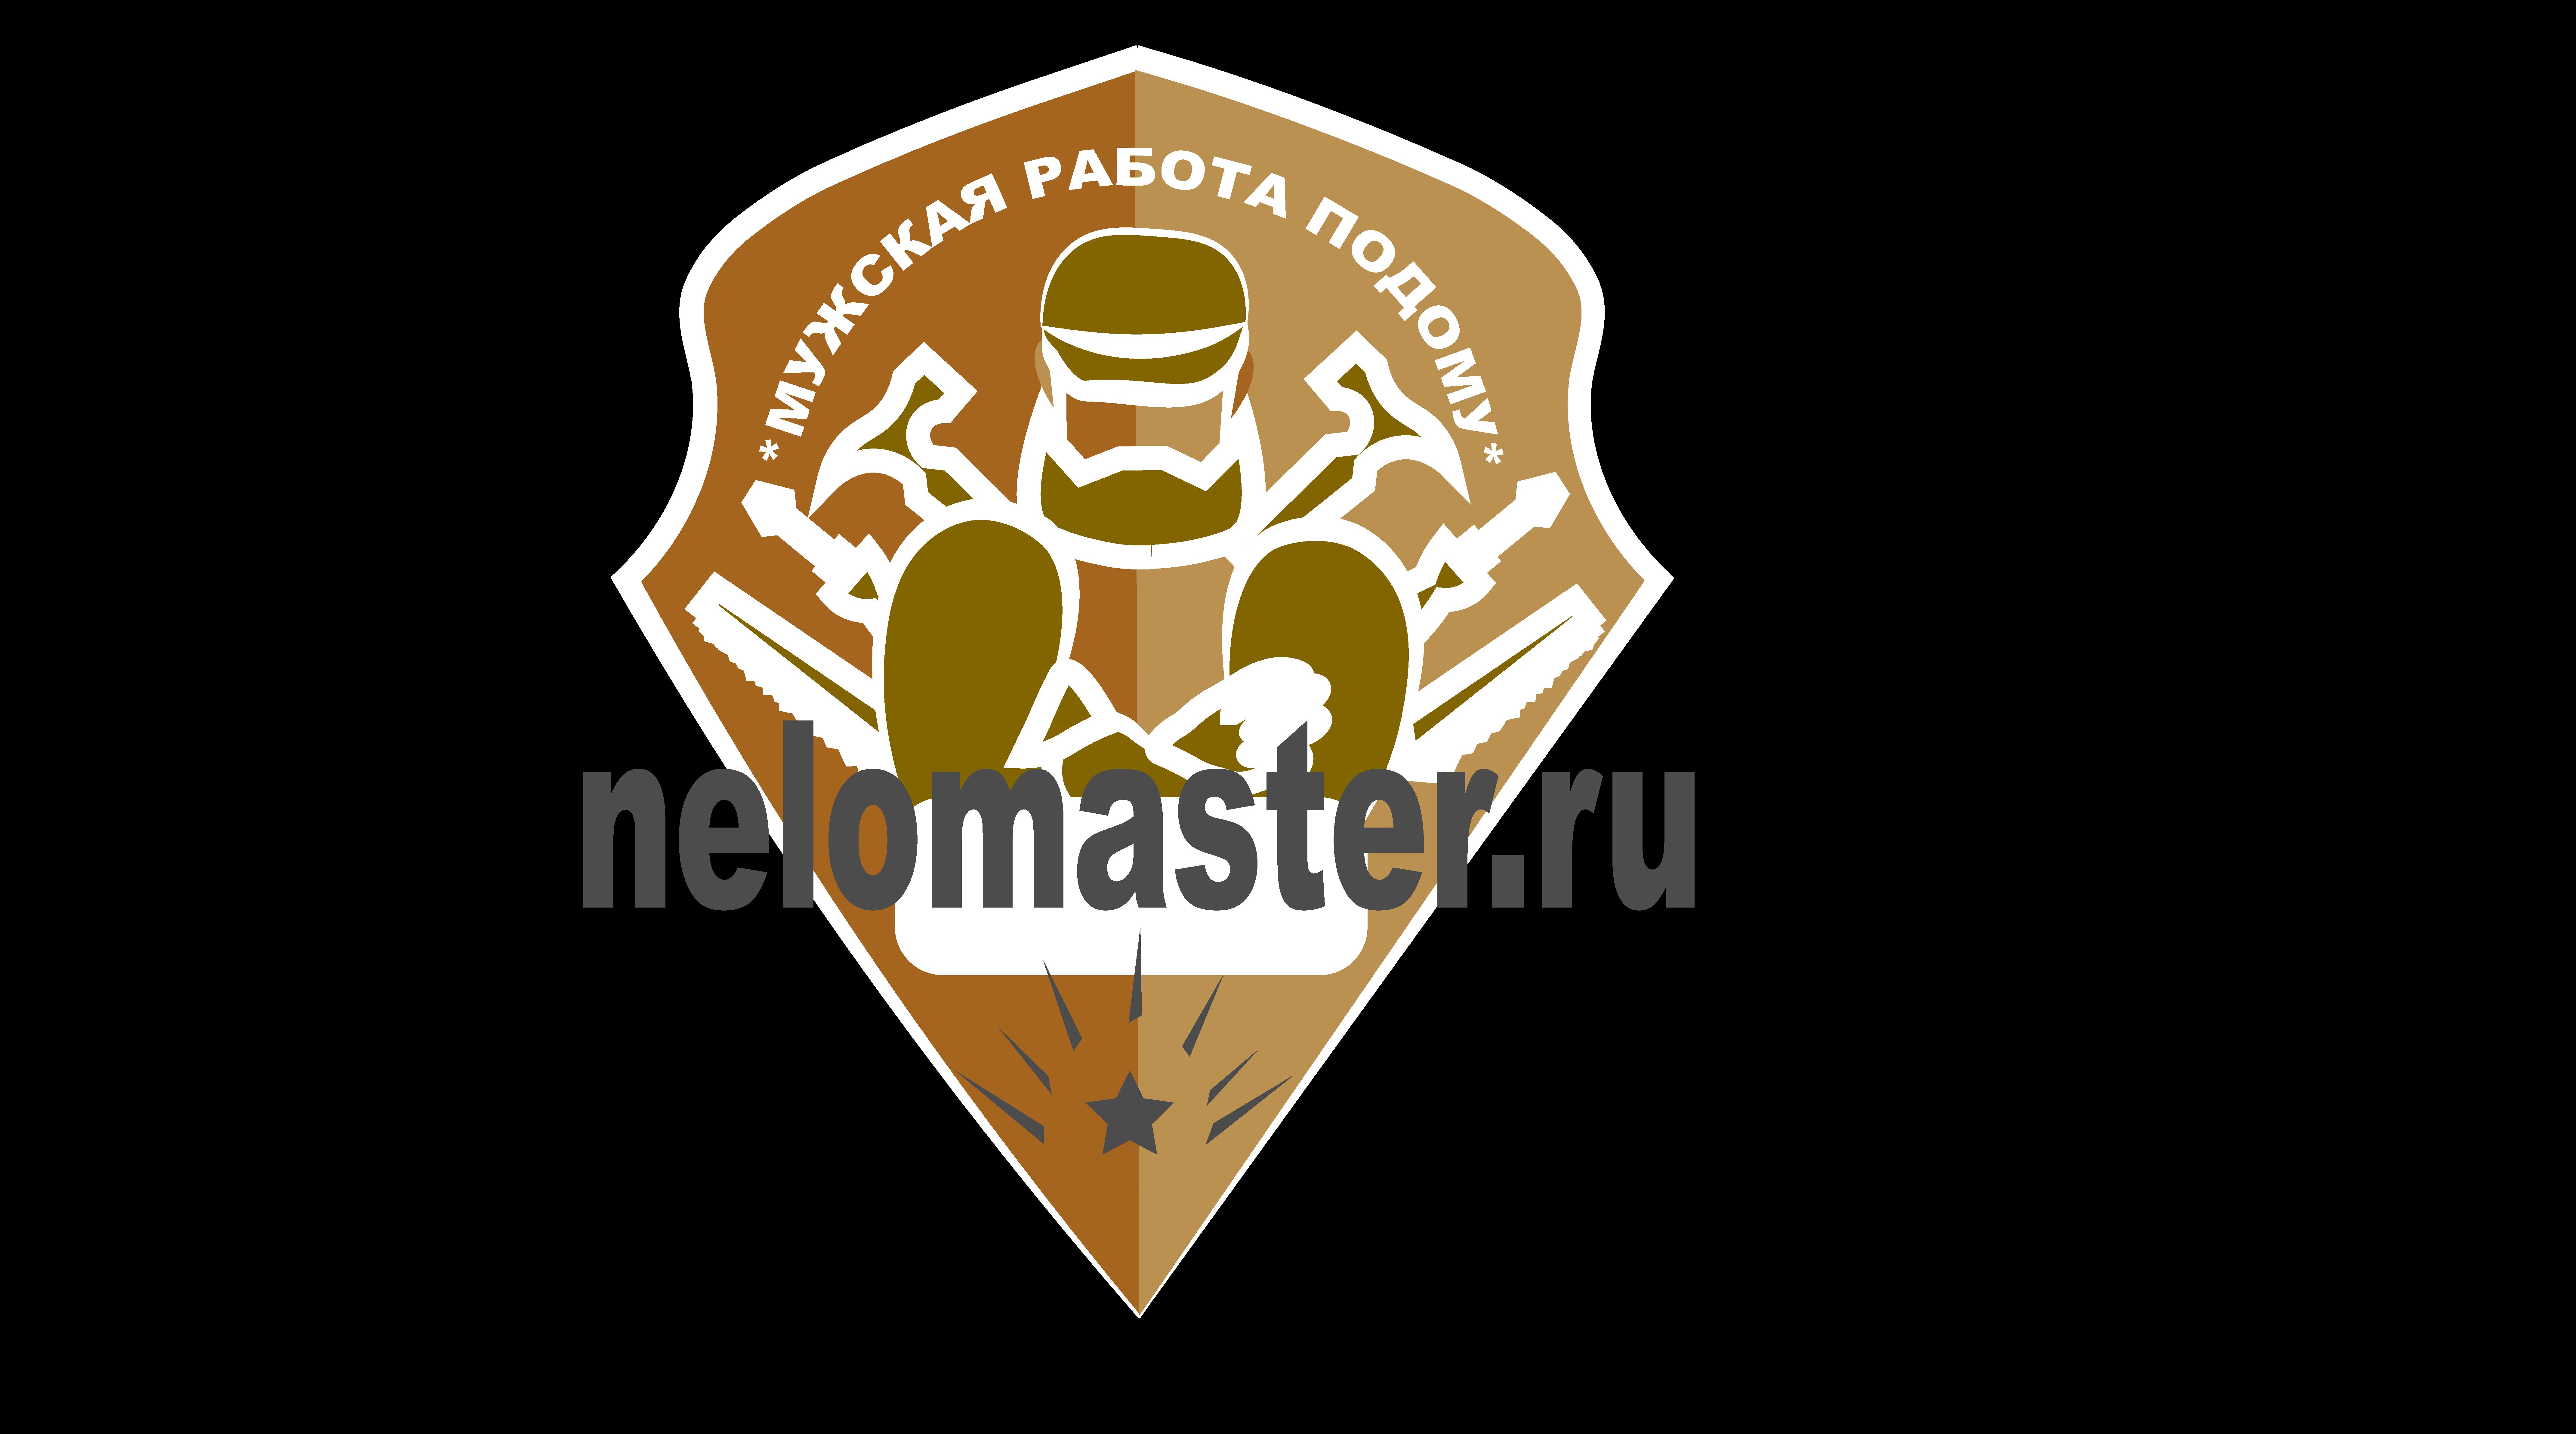 """Логотип сервиса """"Муж на час""""=""""Мужская помощь по дому"""" фото f_5945dc2a0b18715d.png"""